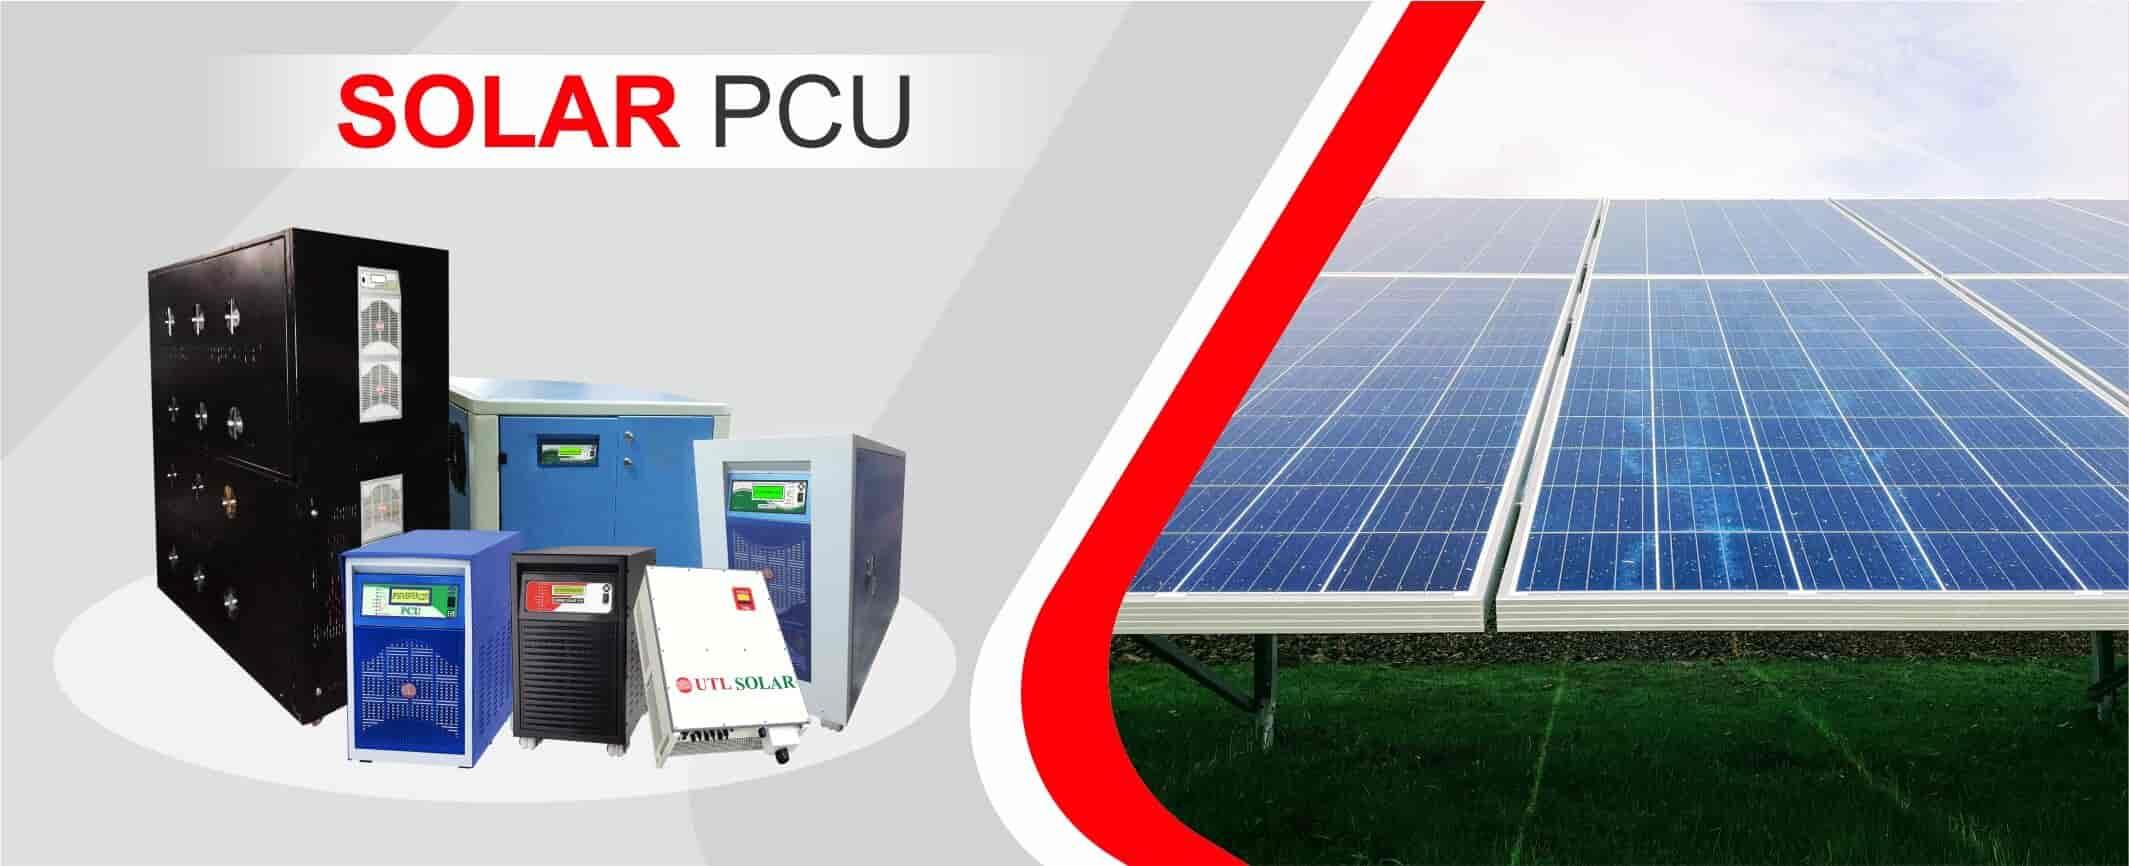 solar pcu(3)(1)-min